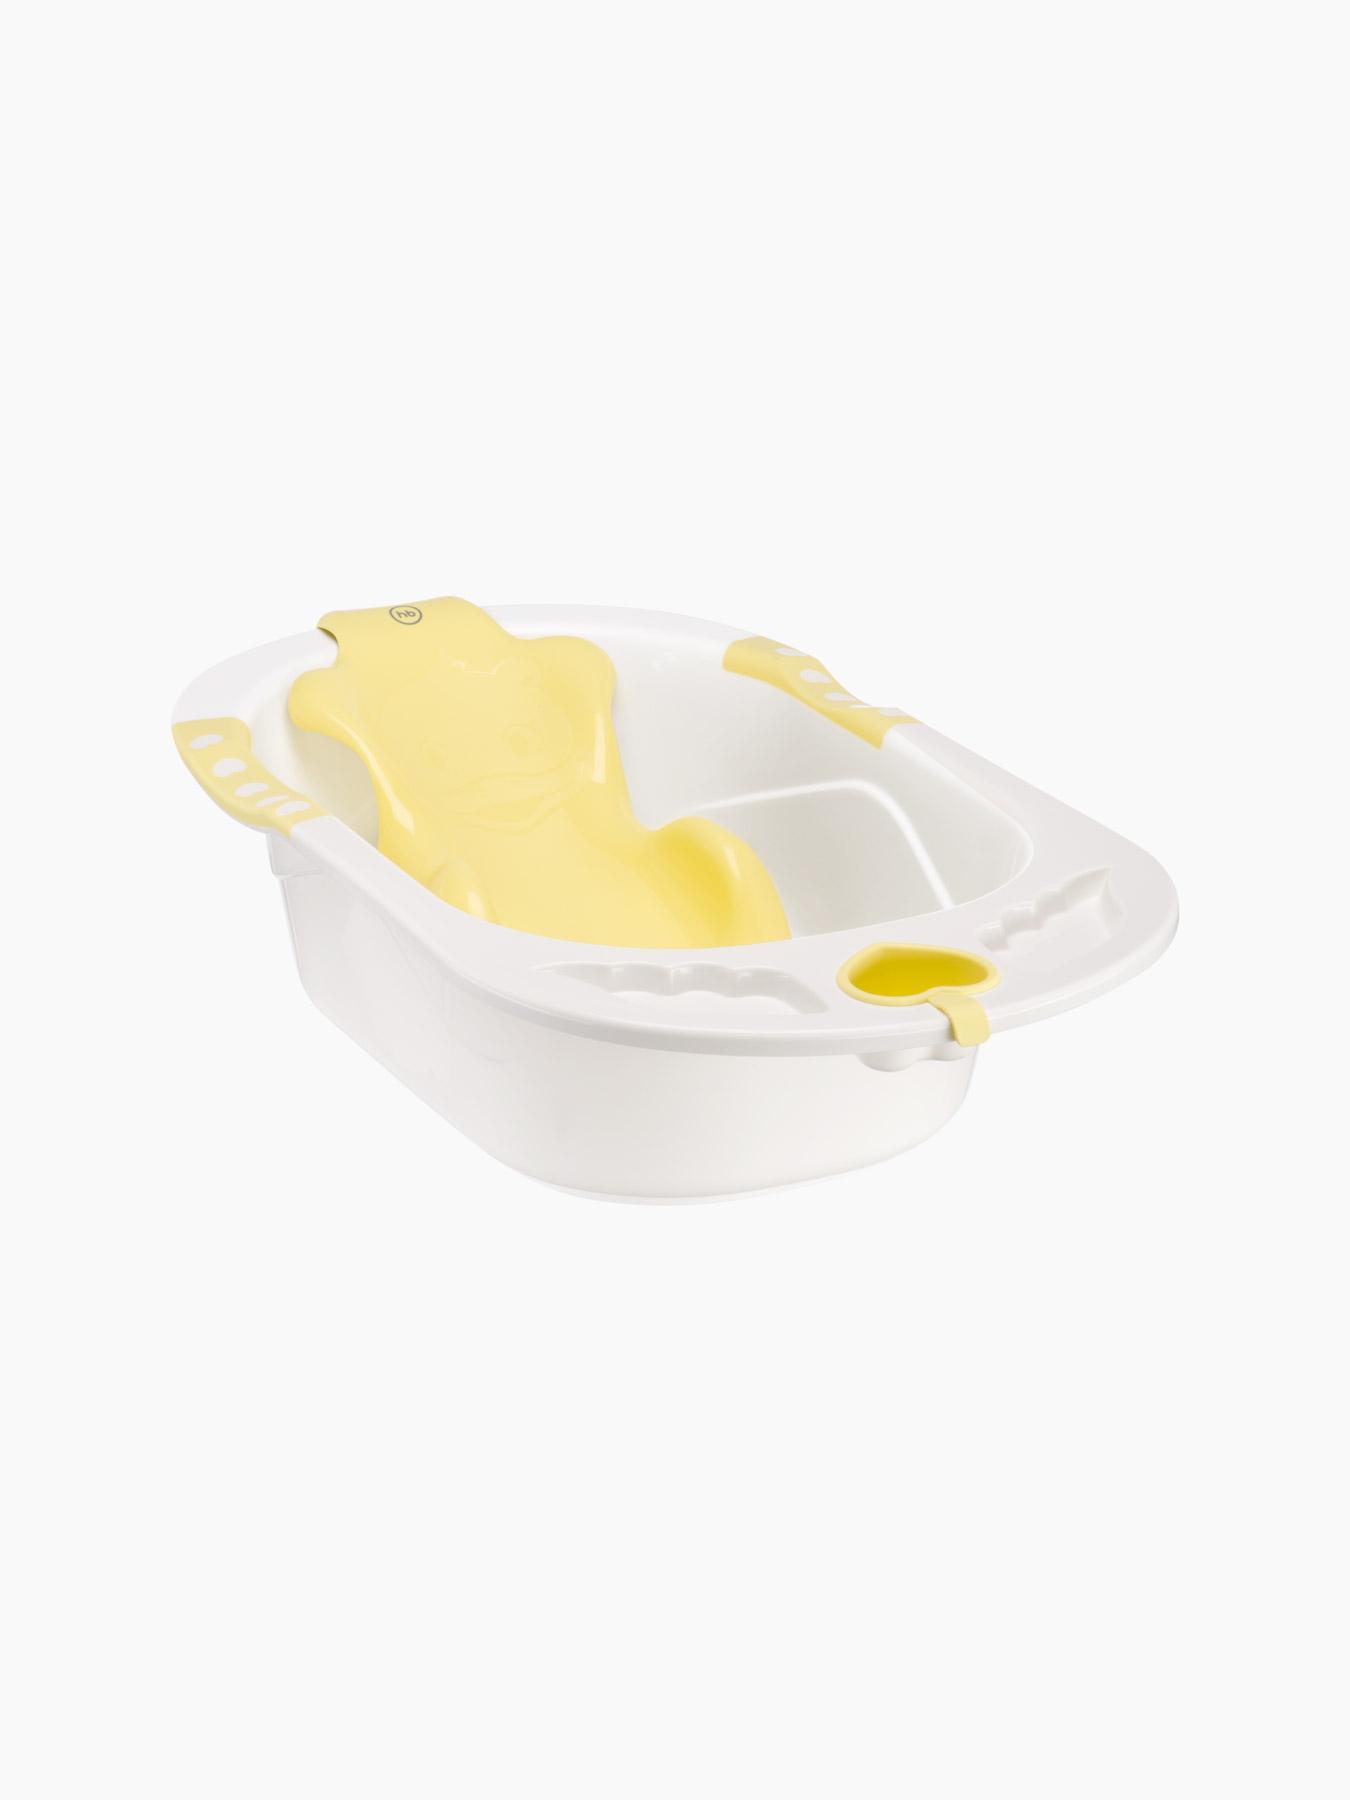 Купить 34005, Ванна детская Happy Baby BATH COMFORT, yellow,